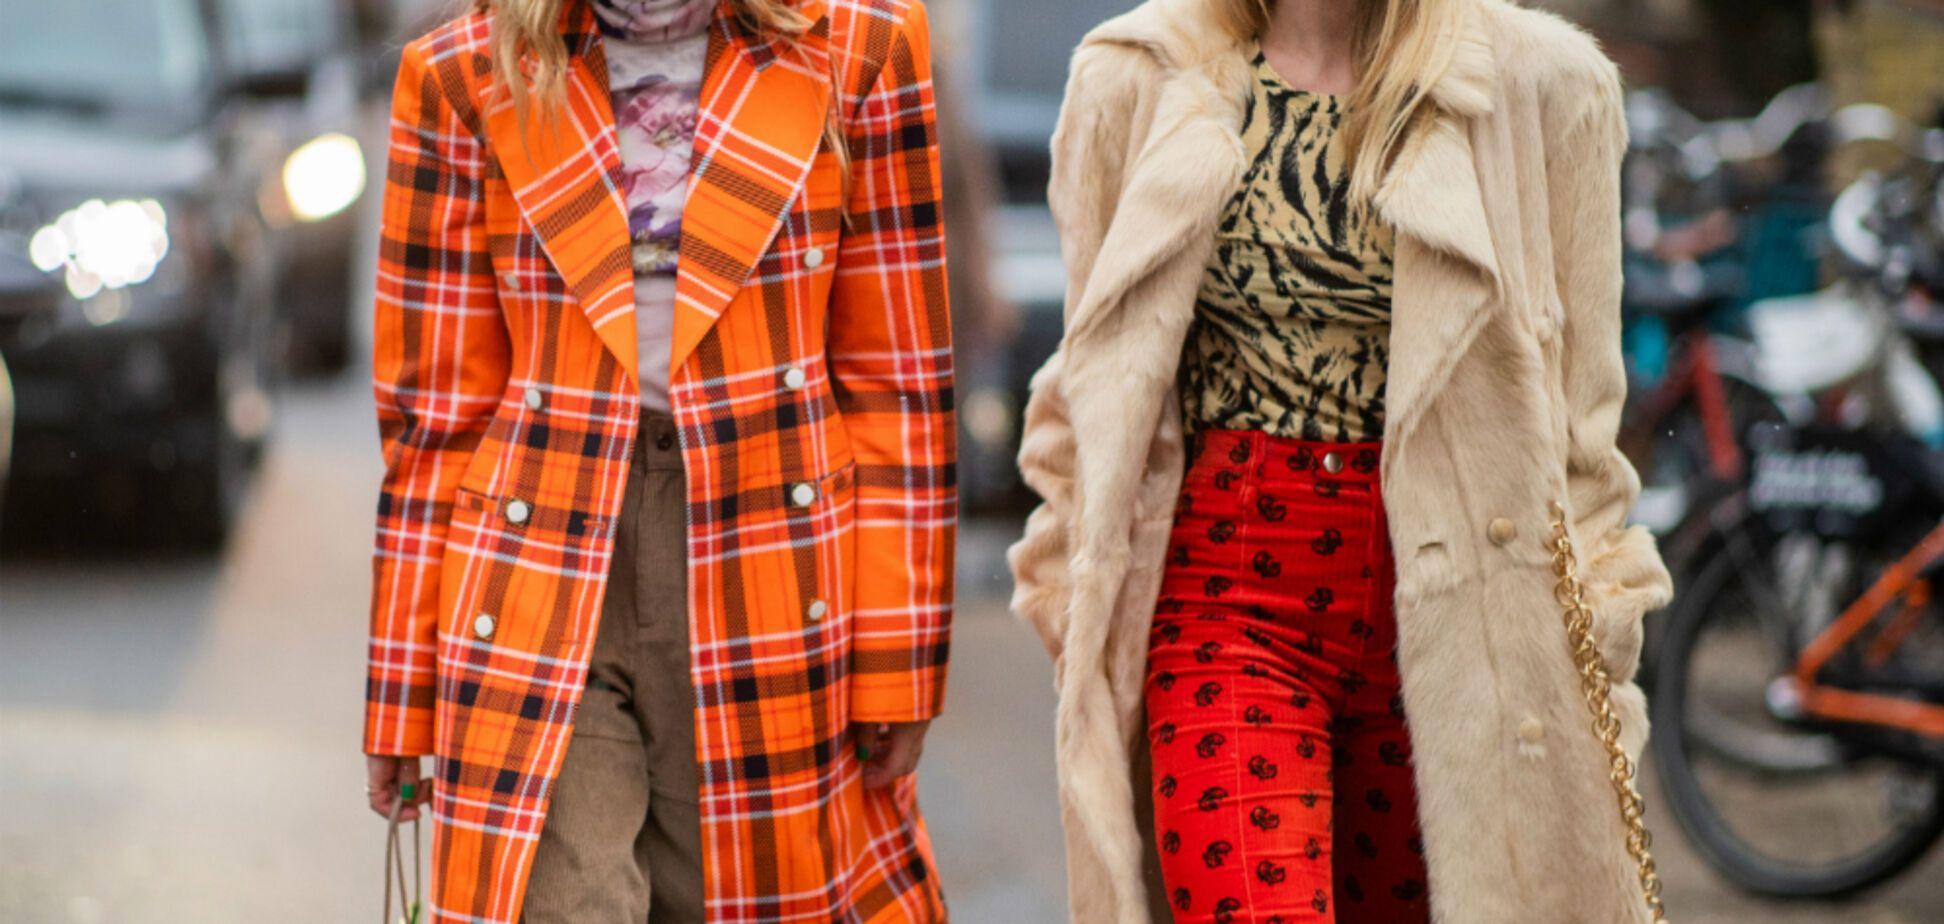 Как не стоит одеваться осенью 2020: 4 главных ошибки